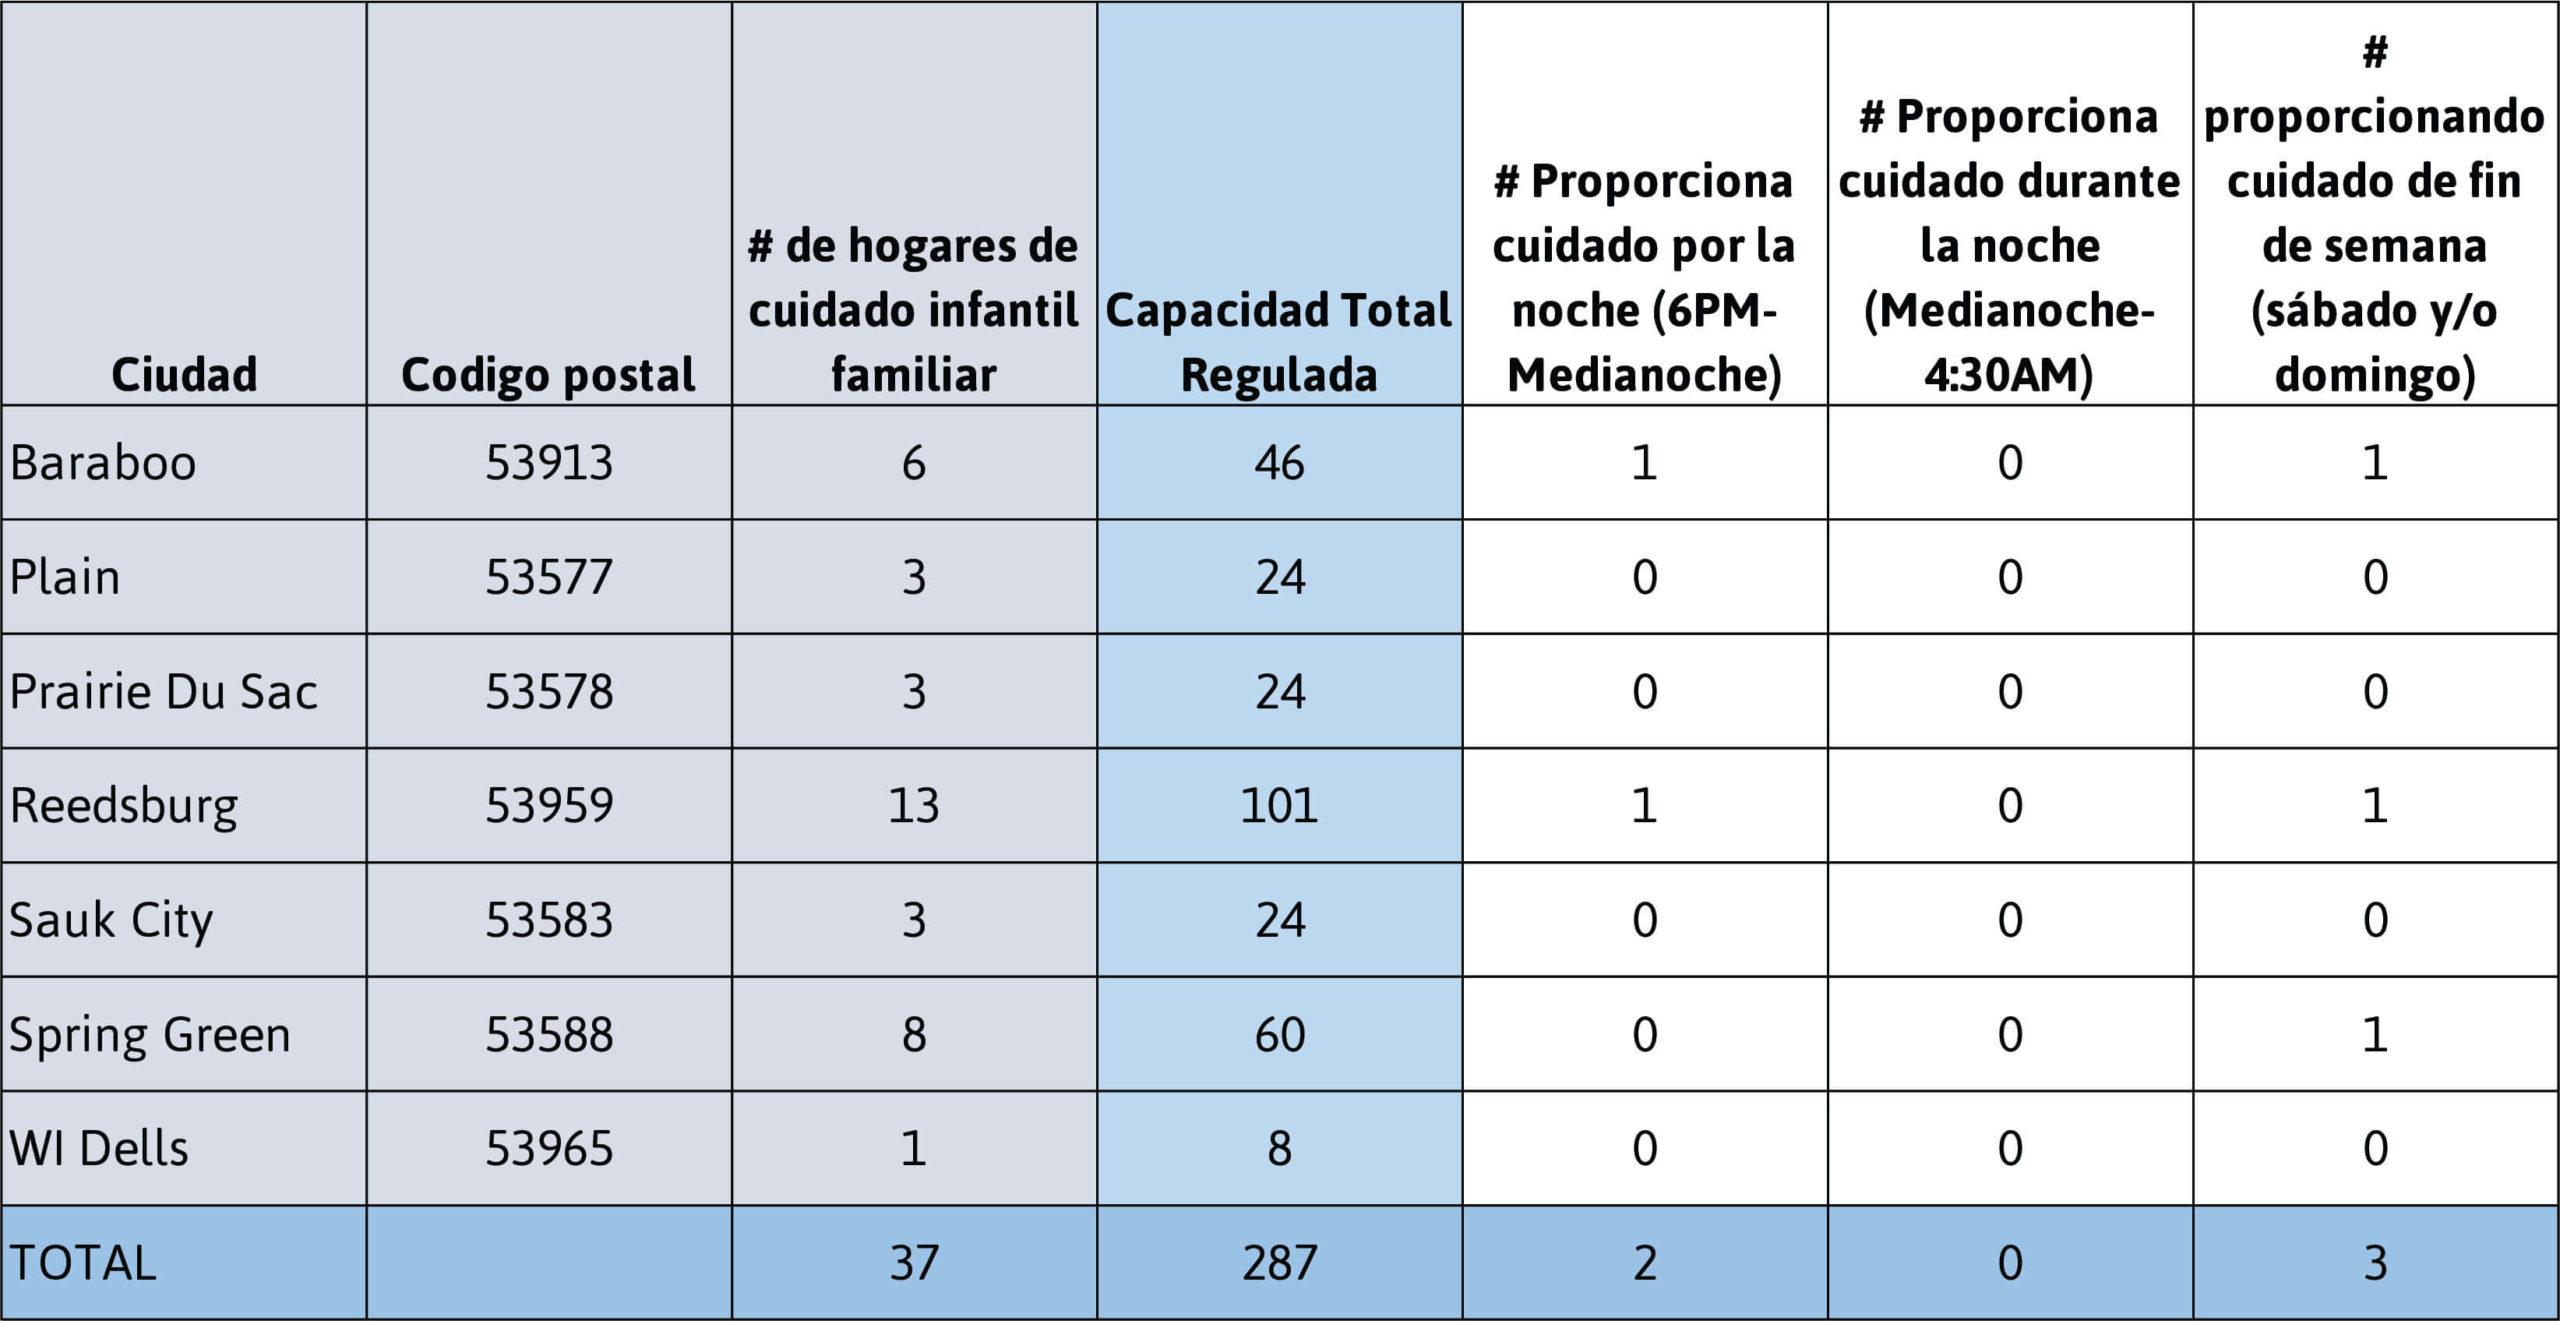 Datos demográficos de los hogares de cuidado infantil familiar del condado de Sauk